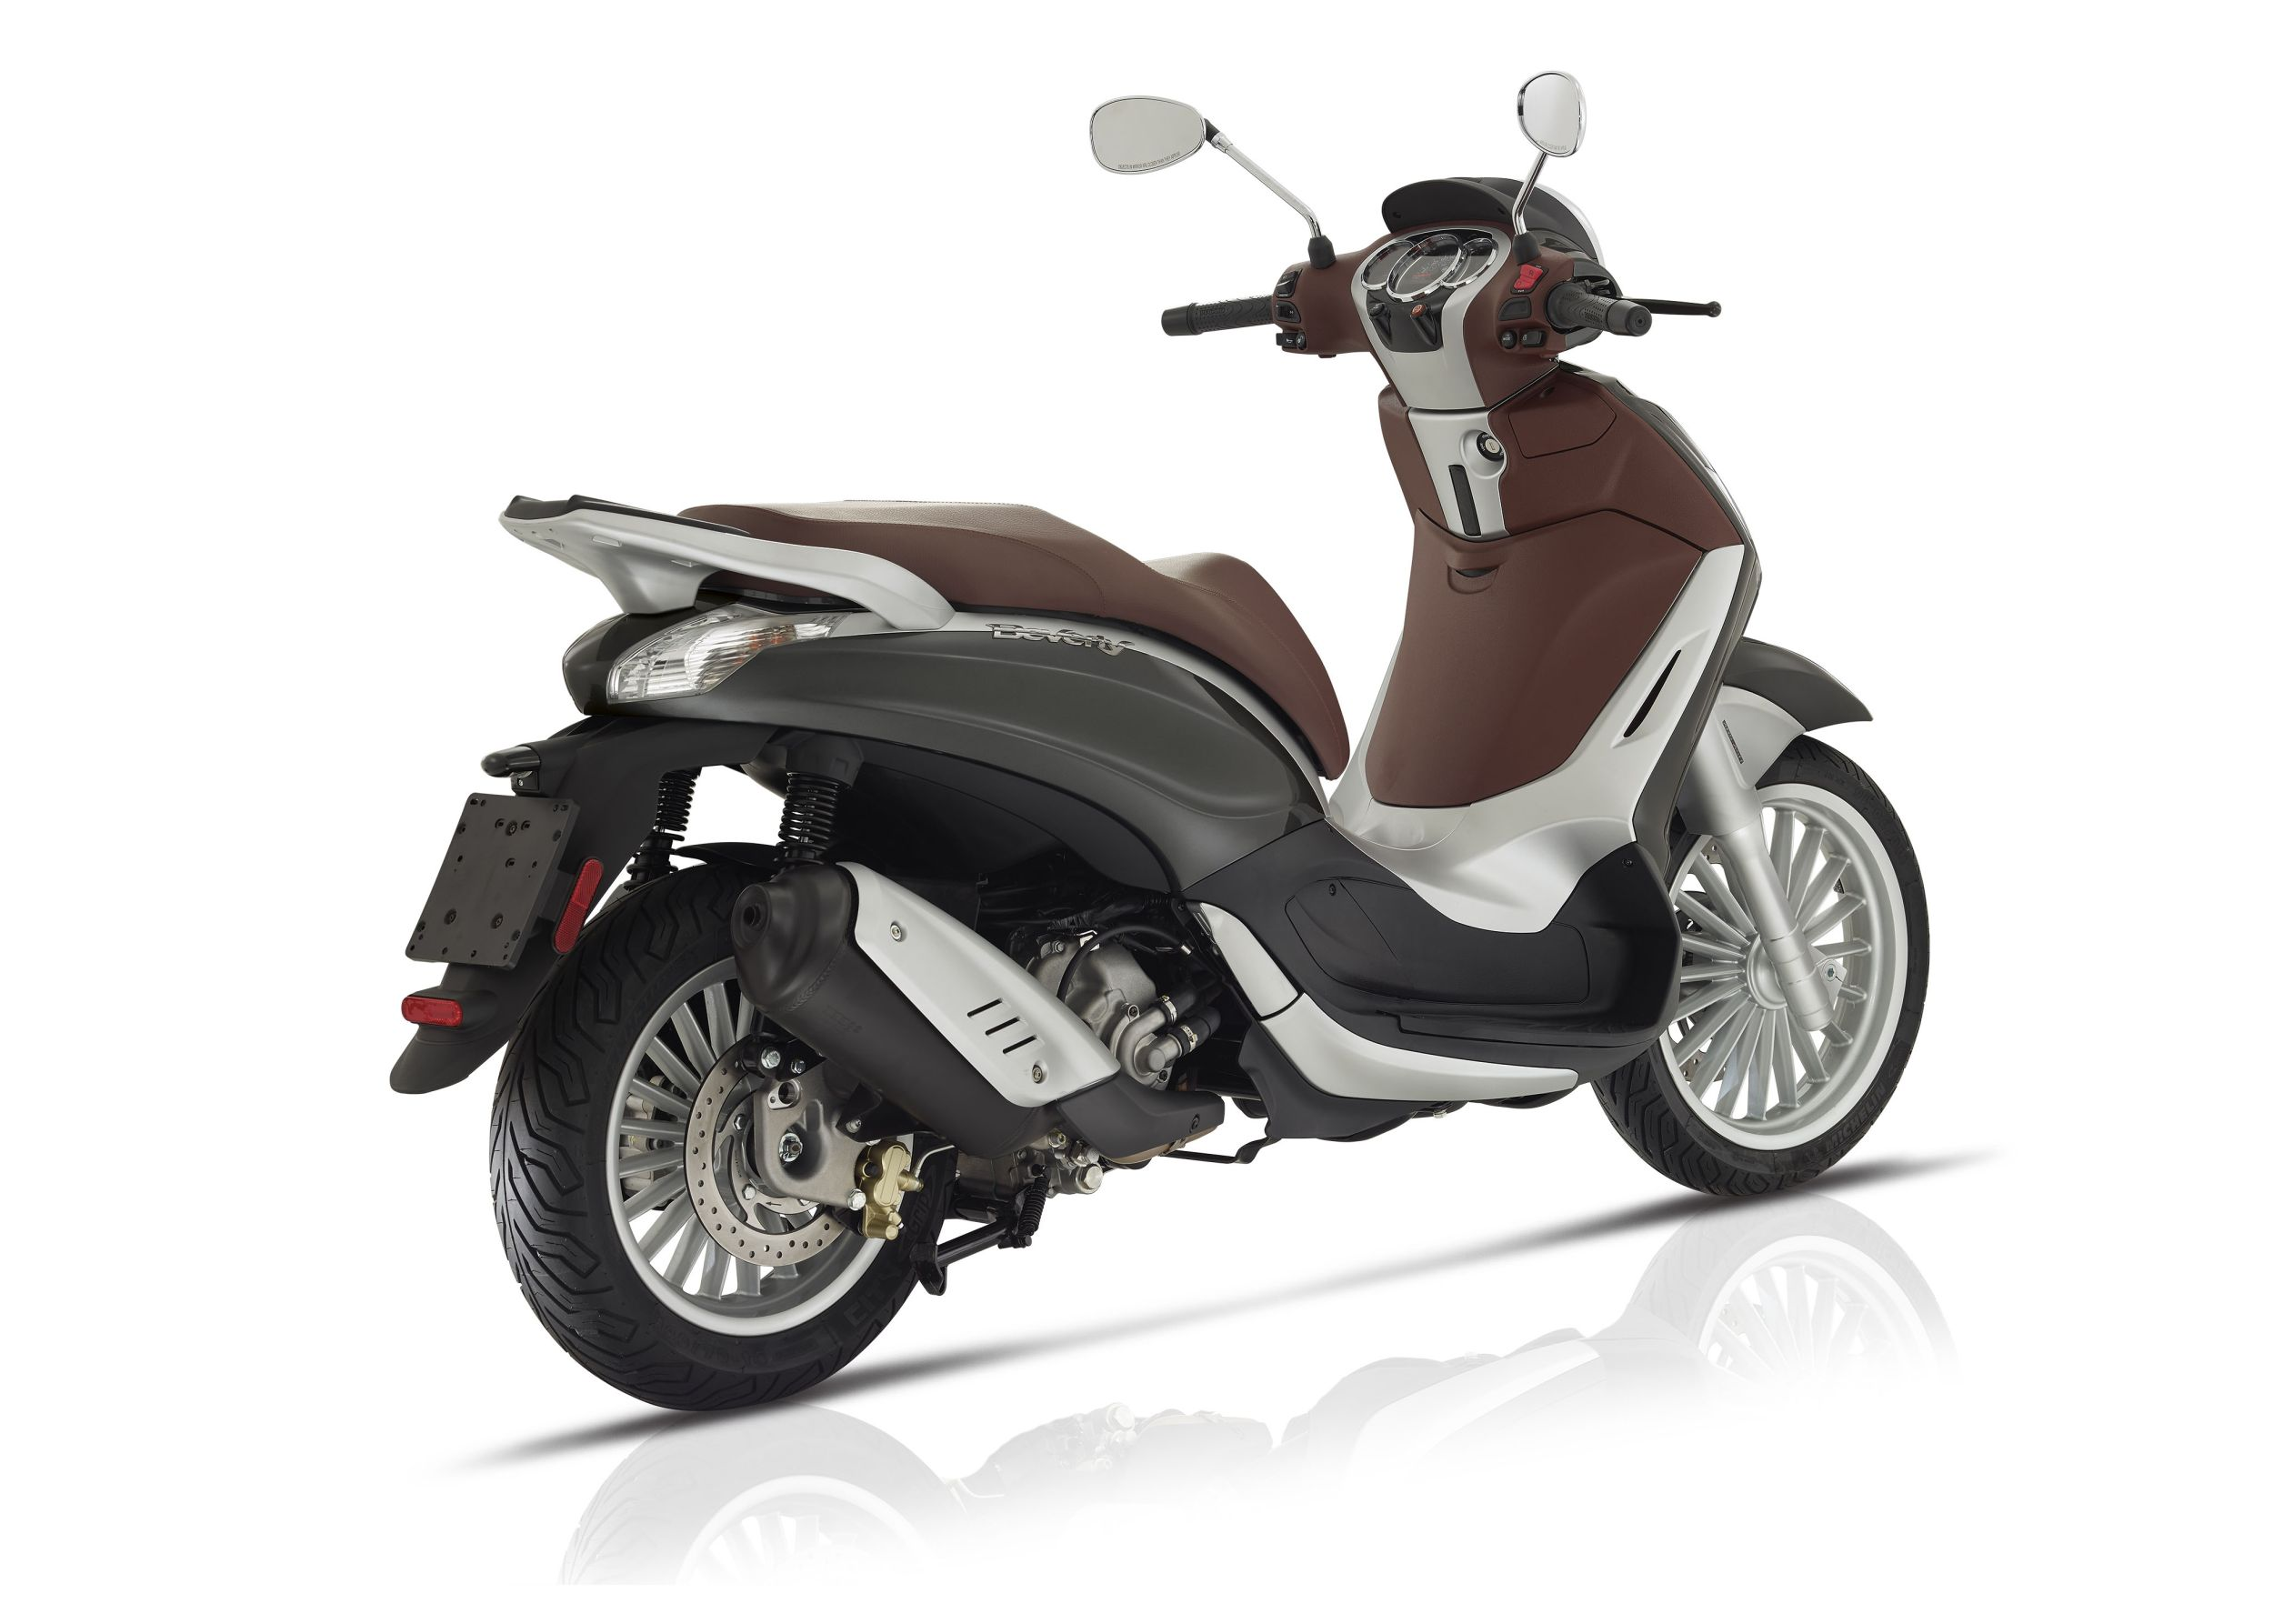 Piaggio Beverly 300 I E All Technical Data Of The Model